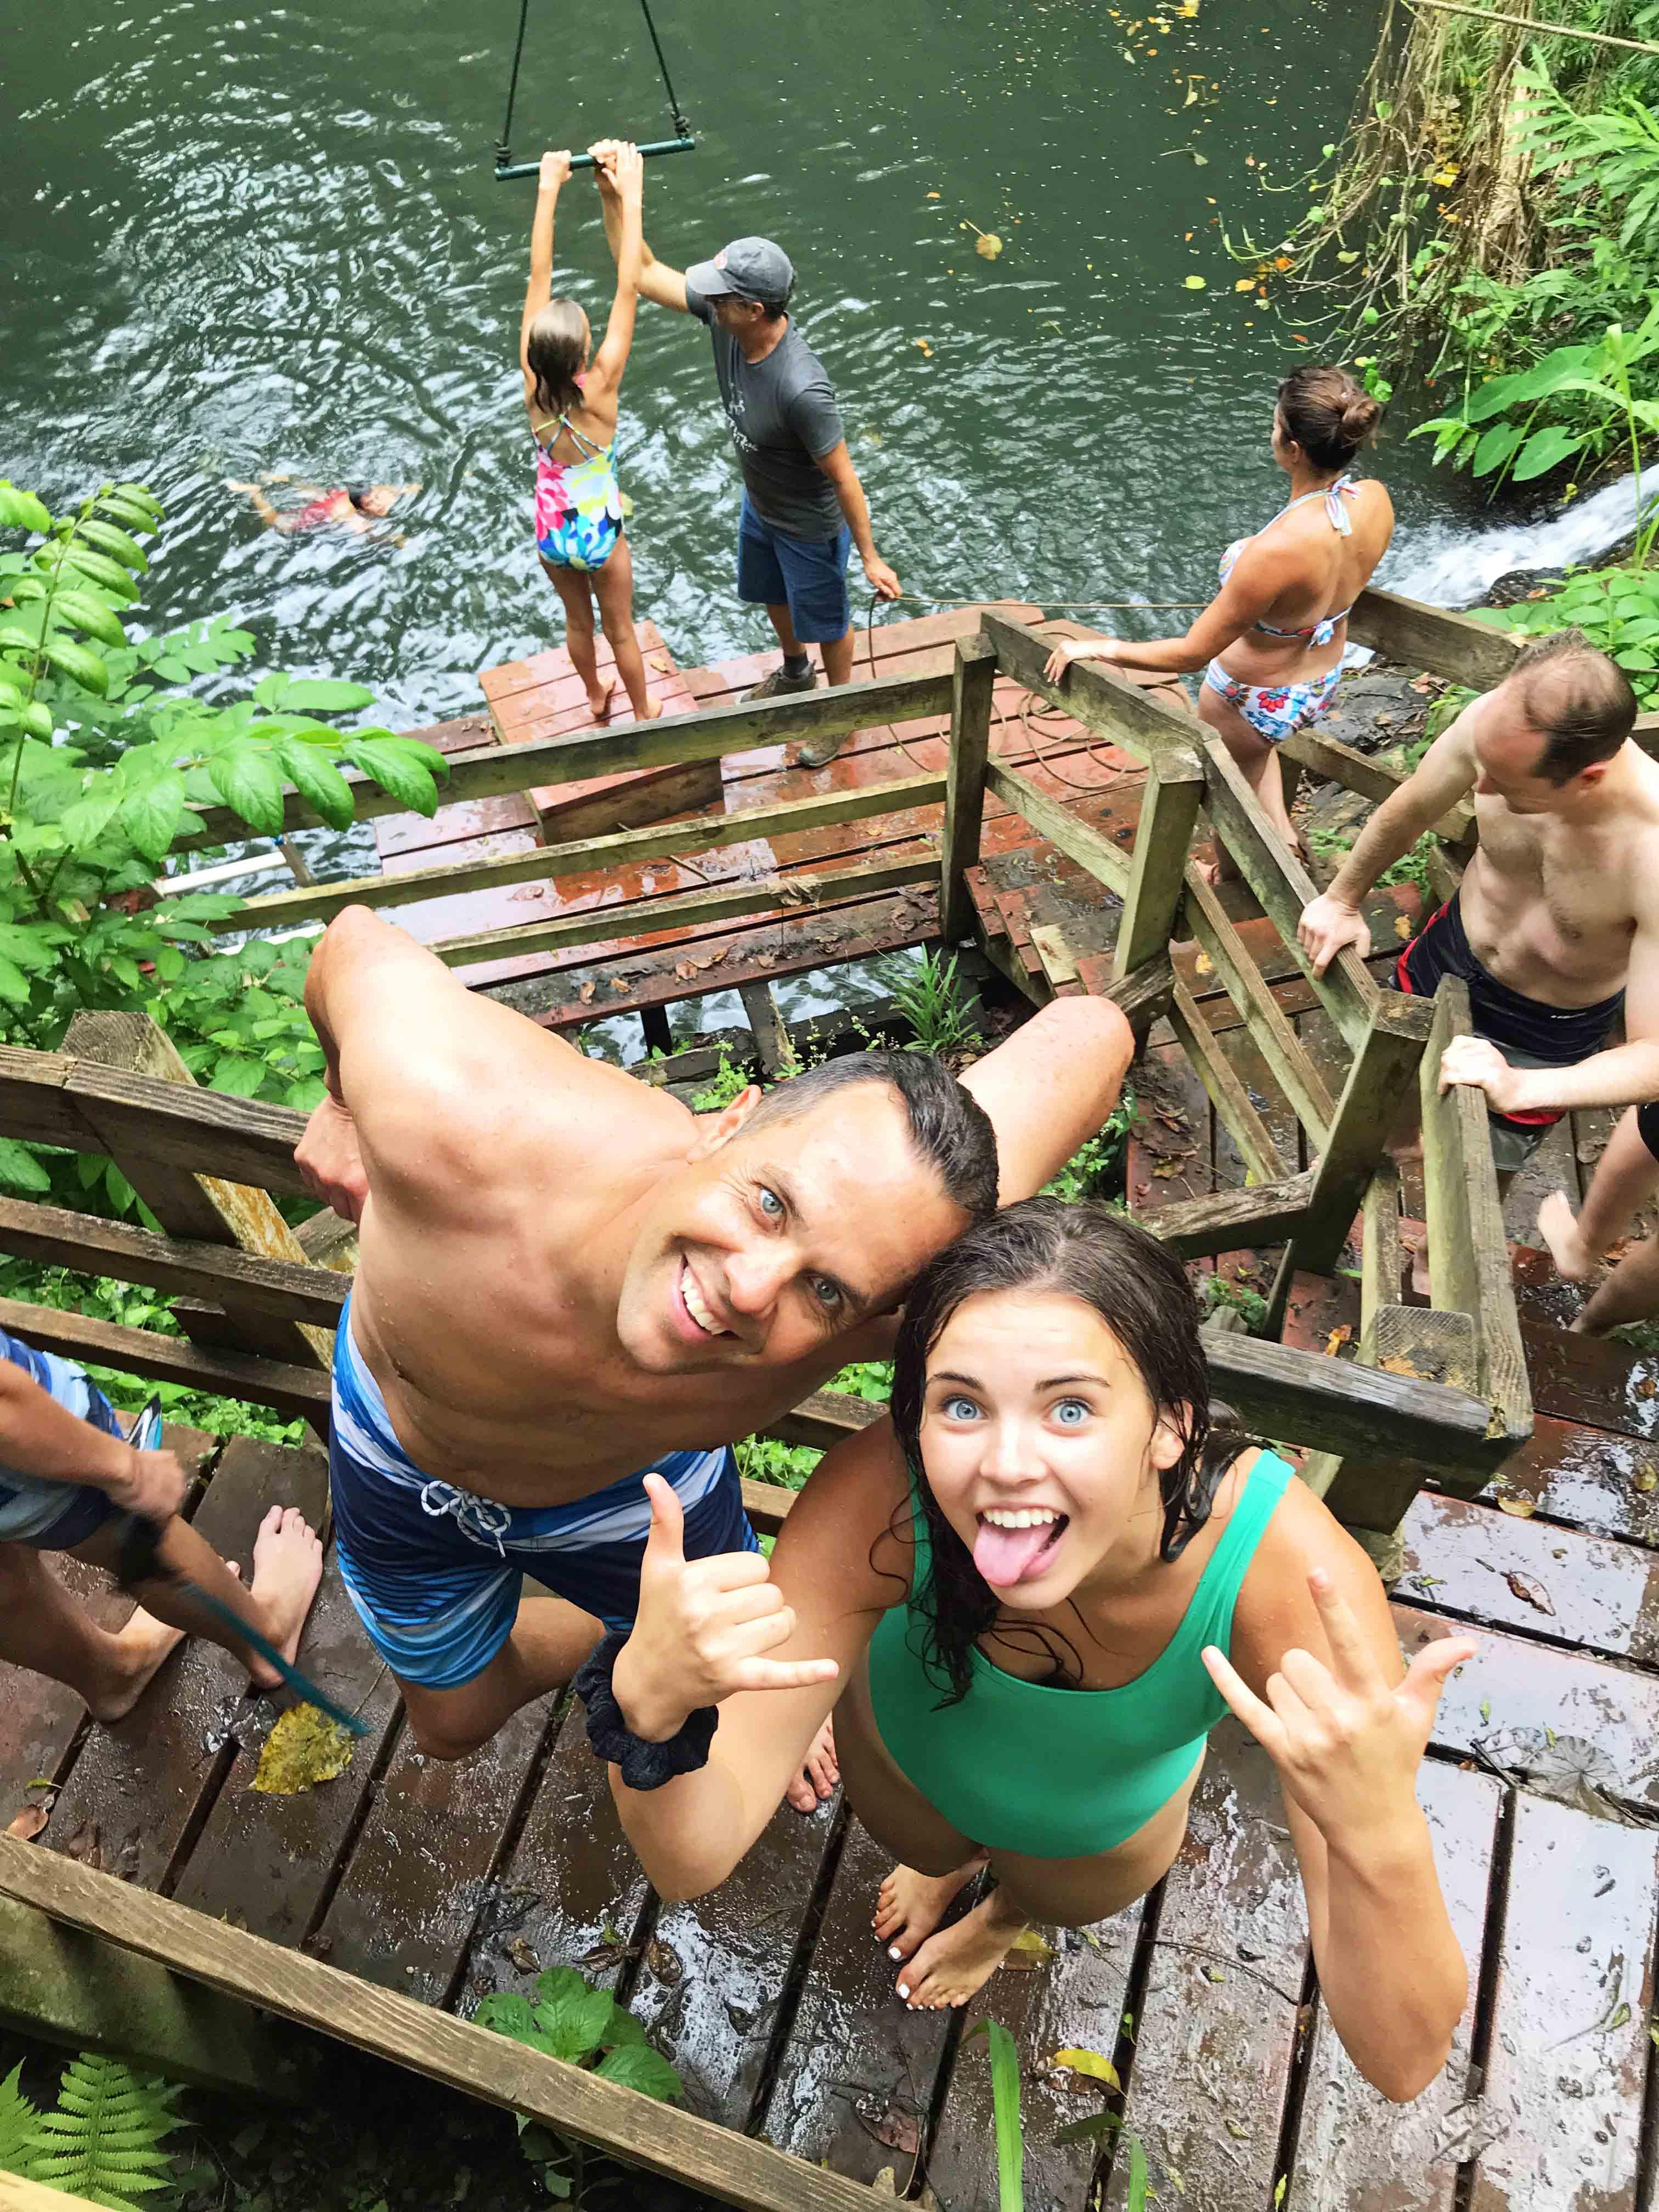 Kauai Hawaii Travel Guide. Kauai Hawaii Excursion Kauai Outfitters